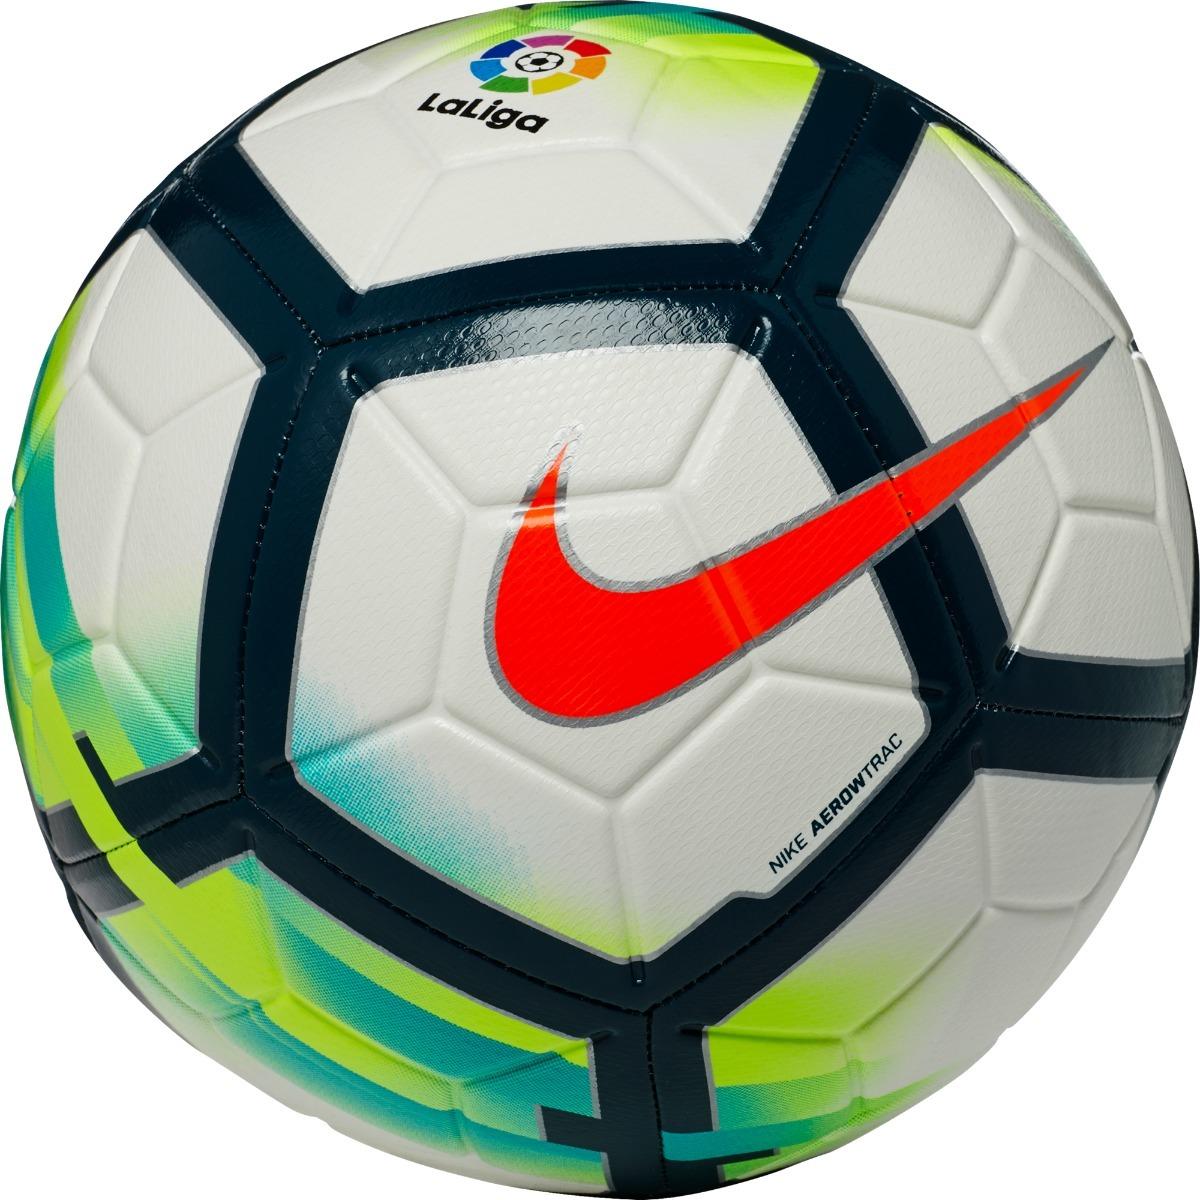 Balón De Fútbol Nike Sc3151-100 Original -   549.00 en Mercado Libre 8a47836fb1e61